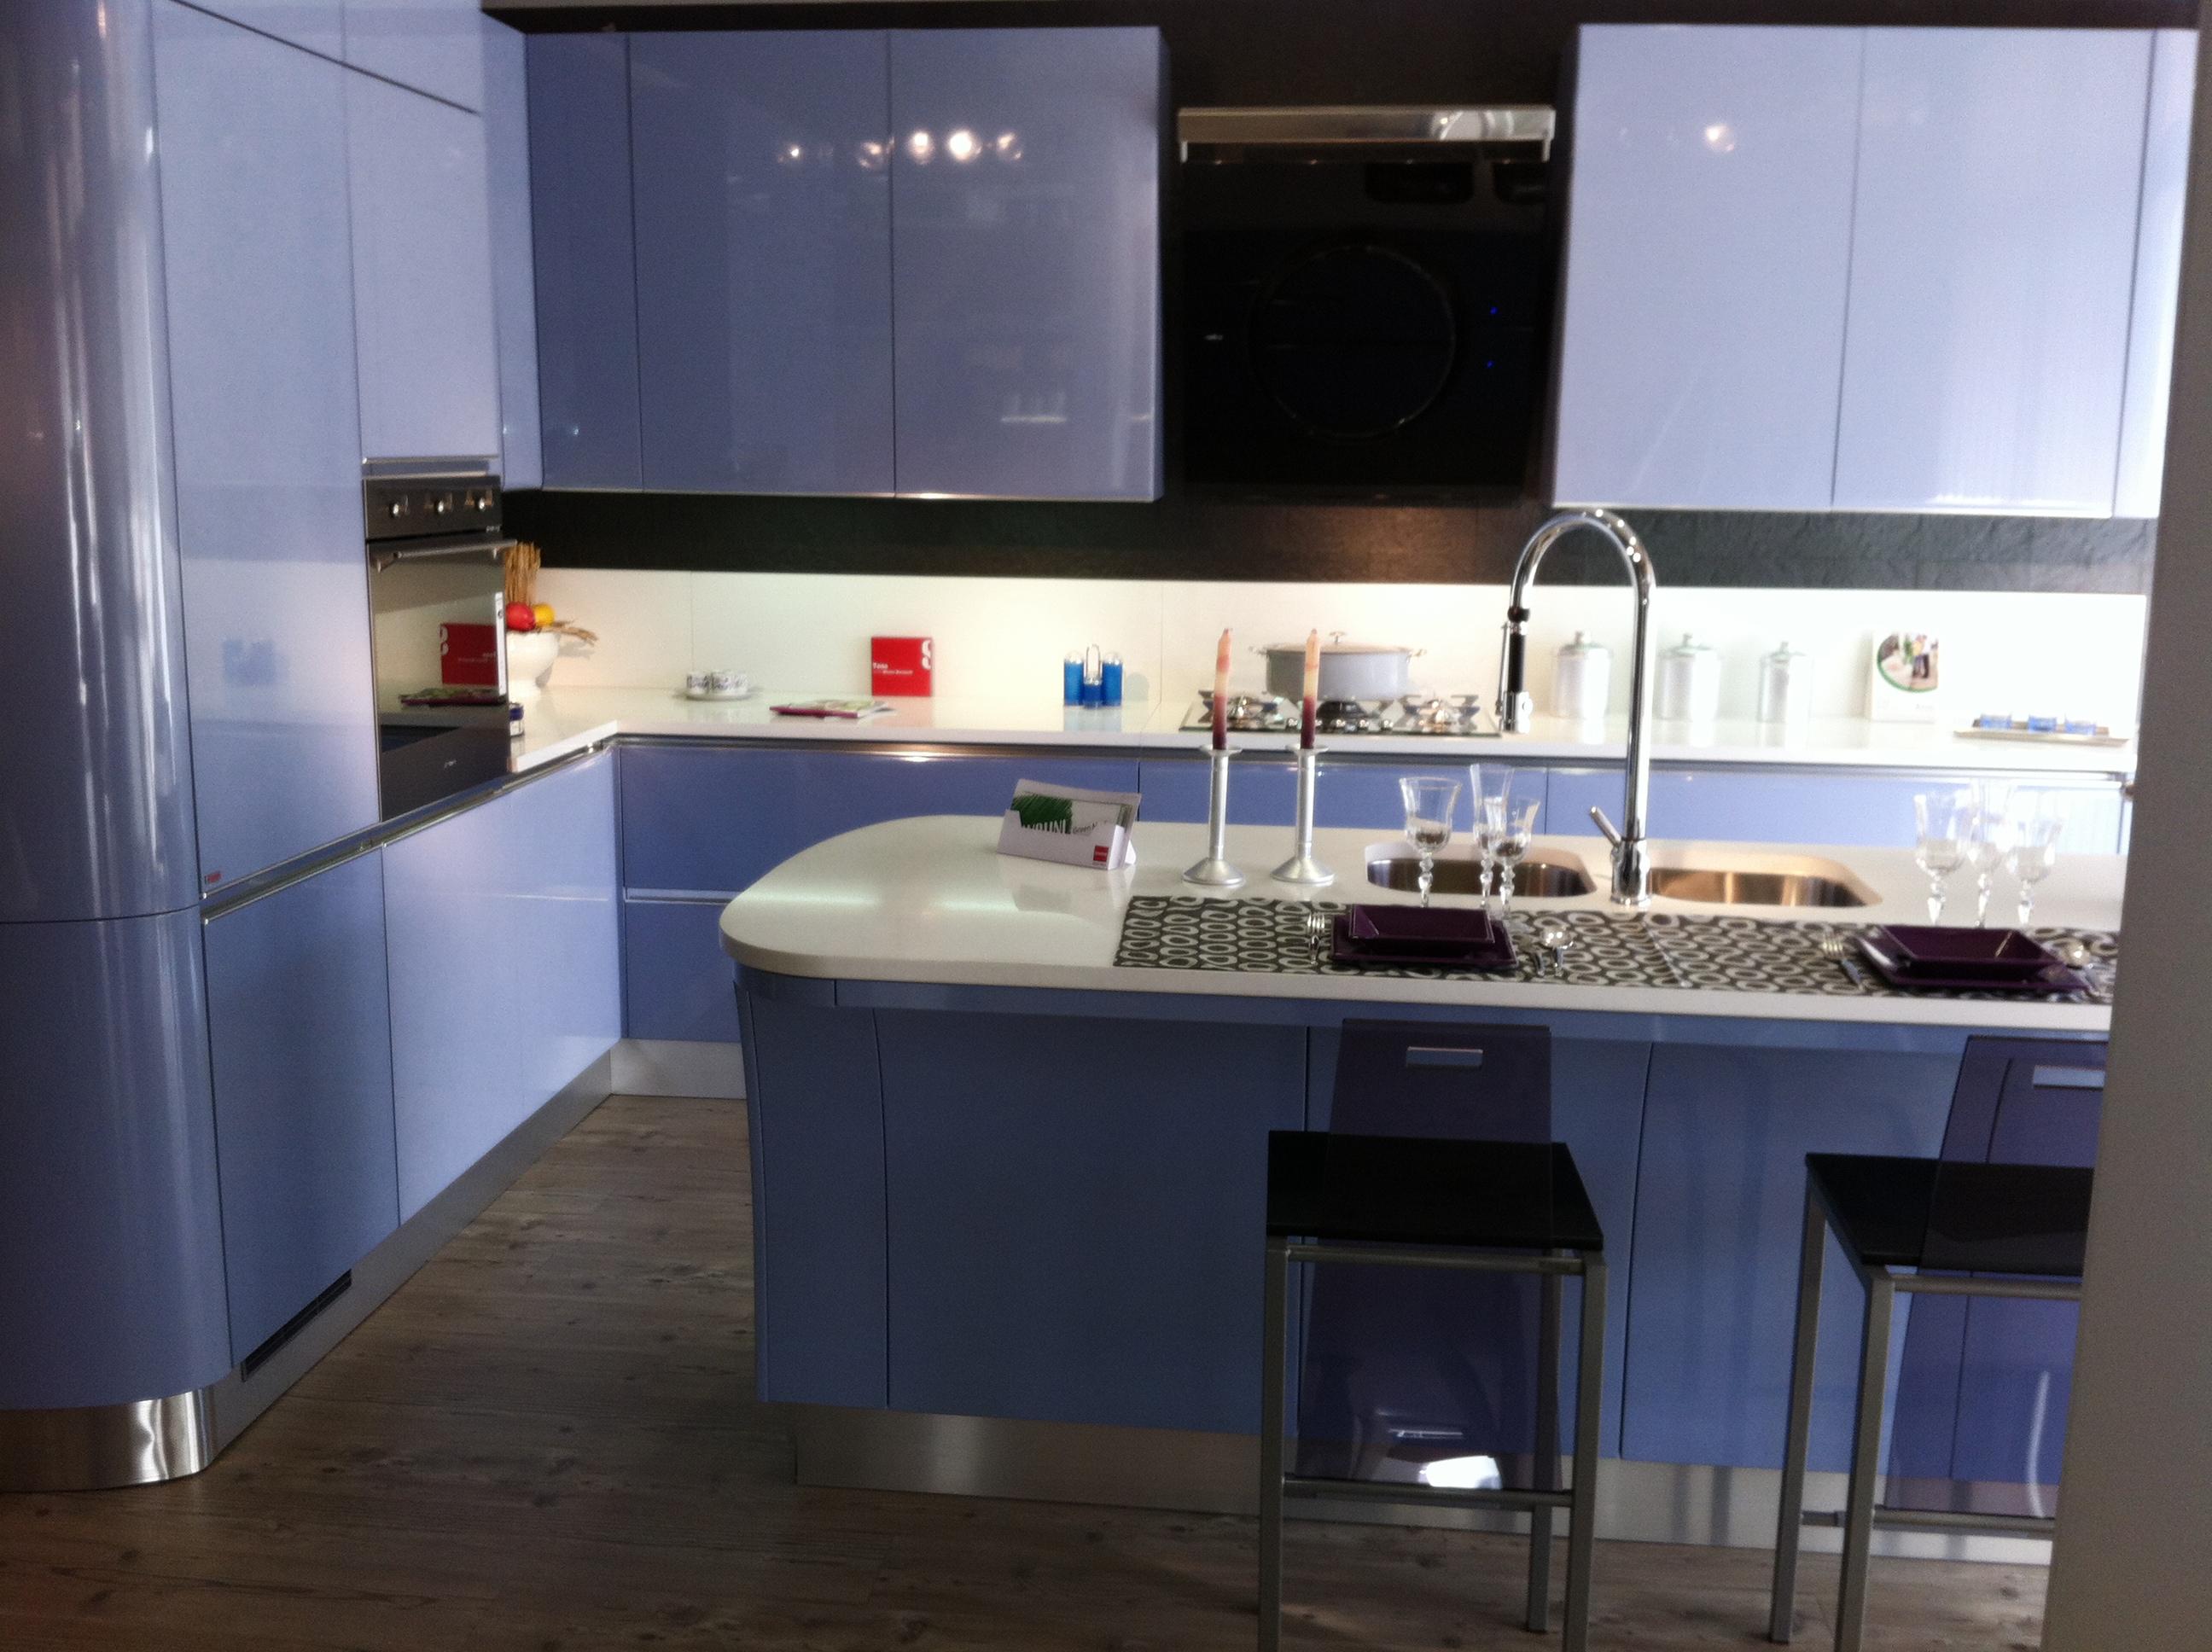 Offerta scavolini tess azzurra cucine a prezzi scontati - Cucine scavolini classiche prezzi ...